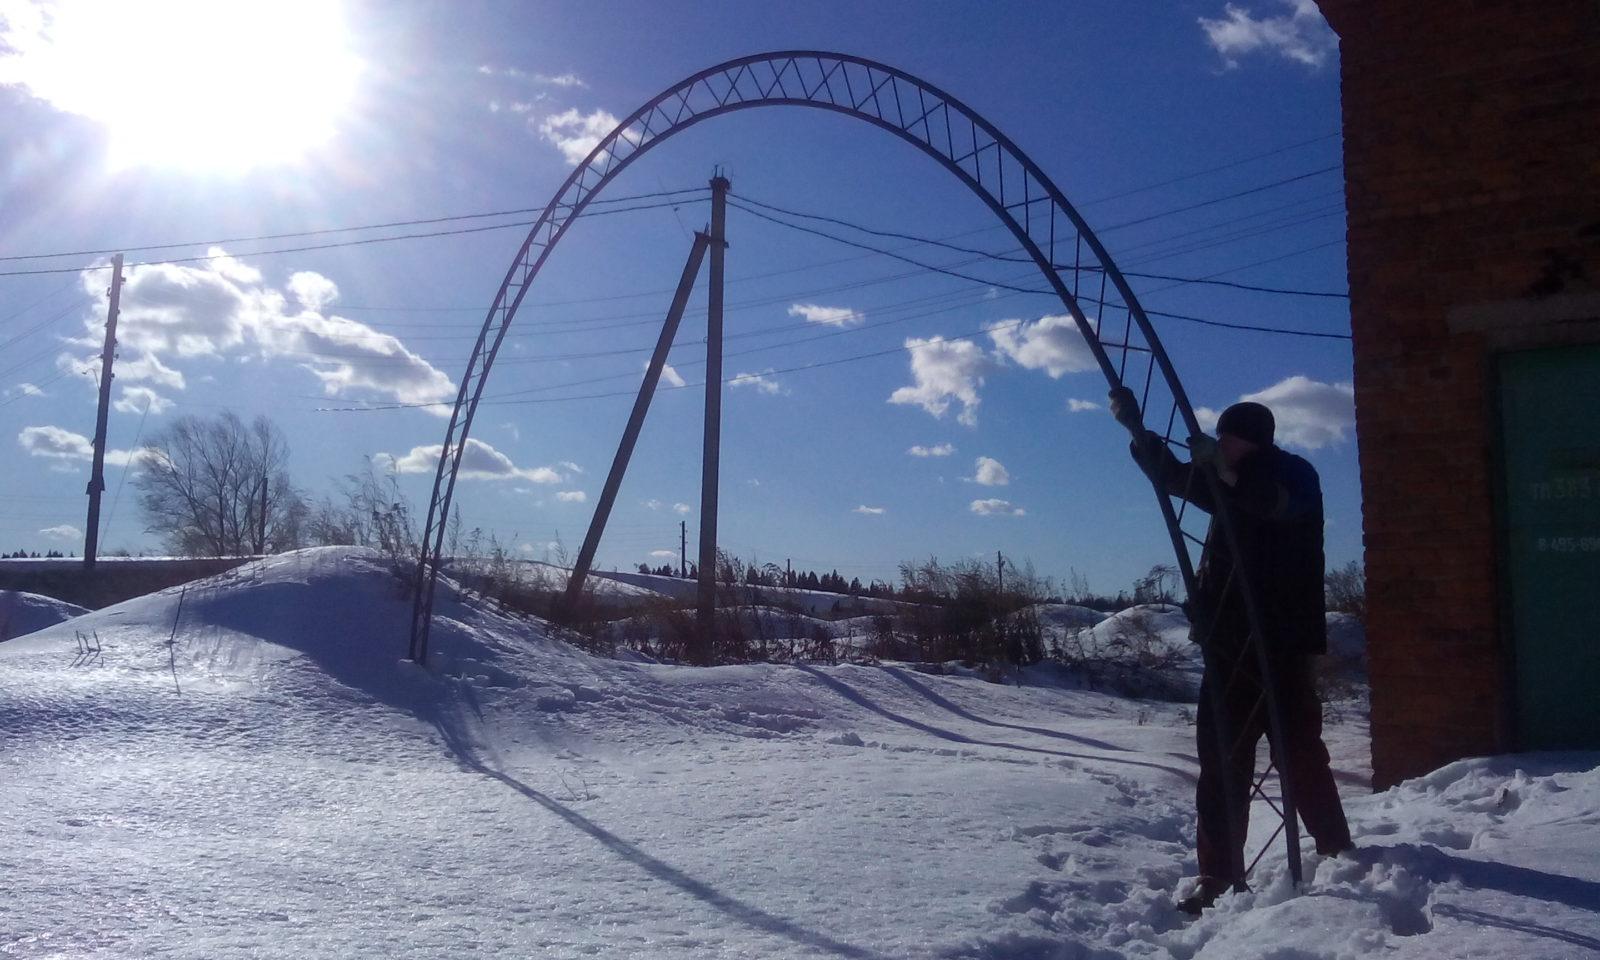 Ферма для ангара 7.5 метра